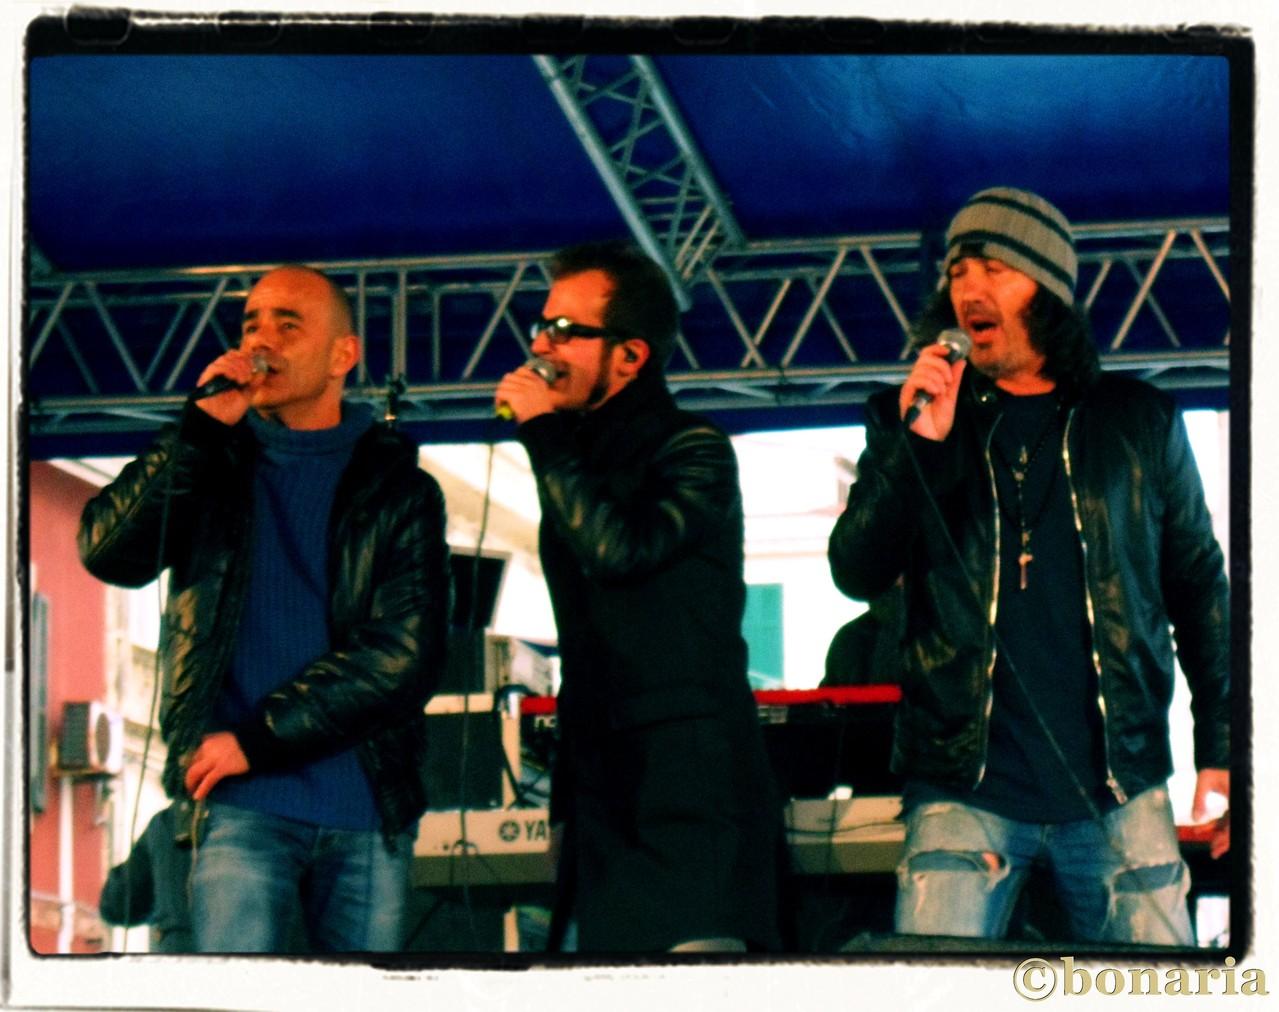 Gigi, Nicola, Gino